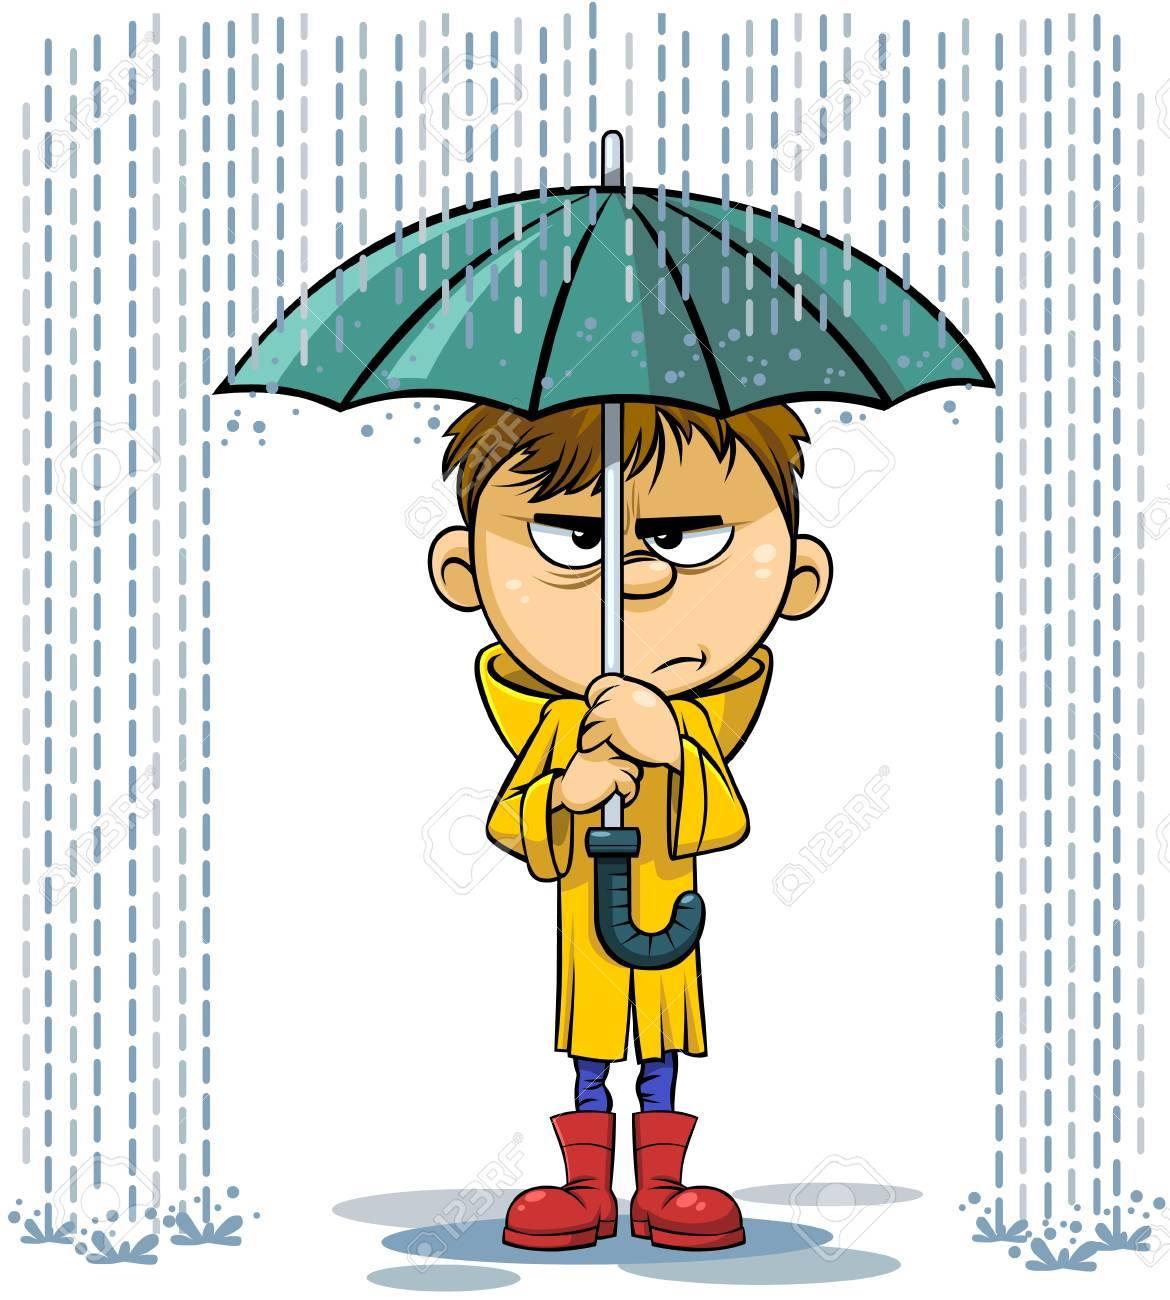 Illustration De Dessin Anime De Vecteur D Un Enfant Triste Sous Un